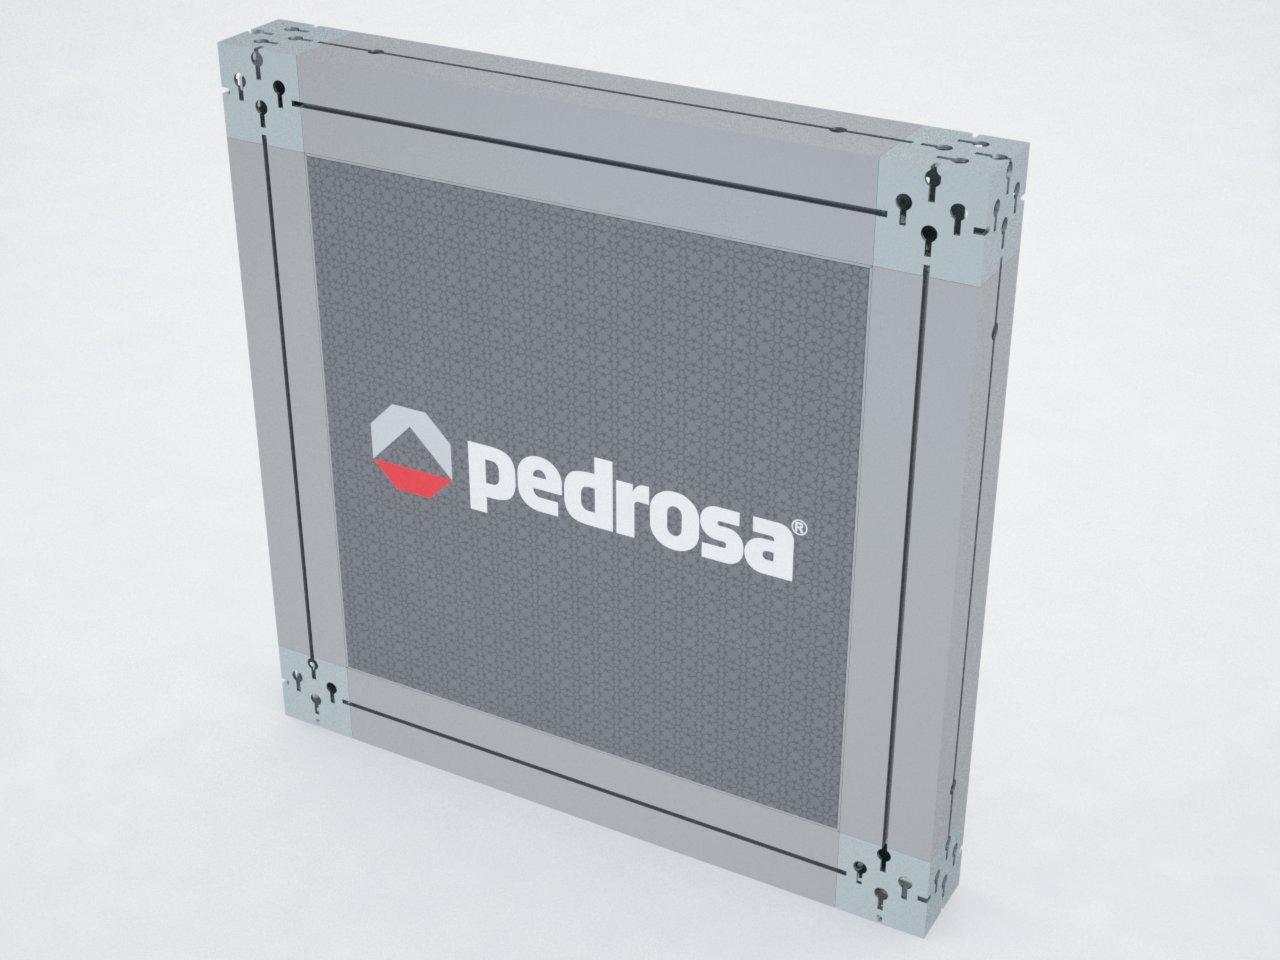 Estrutura de alumínio com perfis M2080 e H170 para esticar imagens em tecido ou lona em stands, divisórias, painéis, etc.